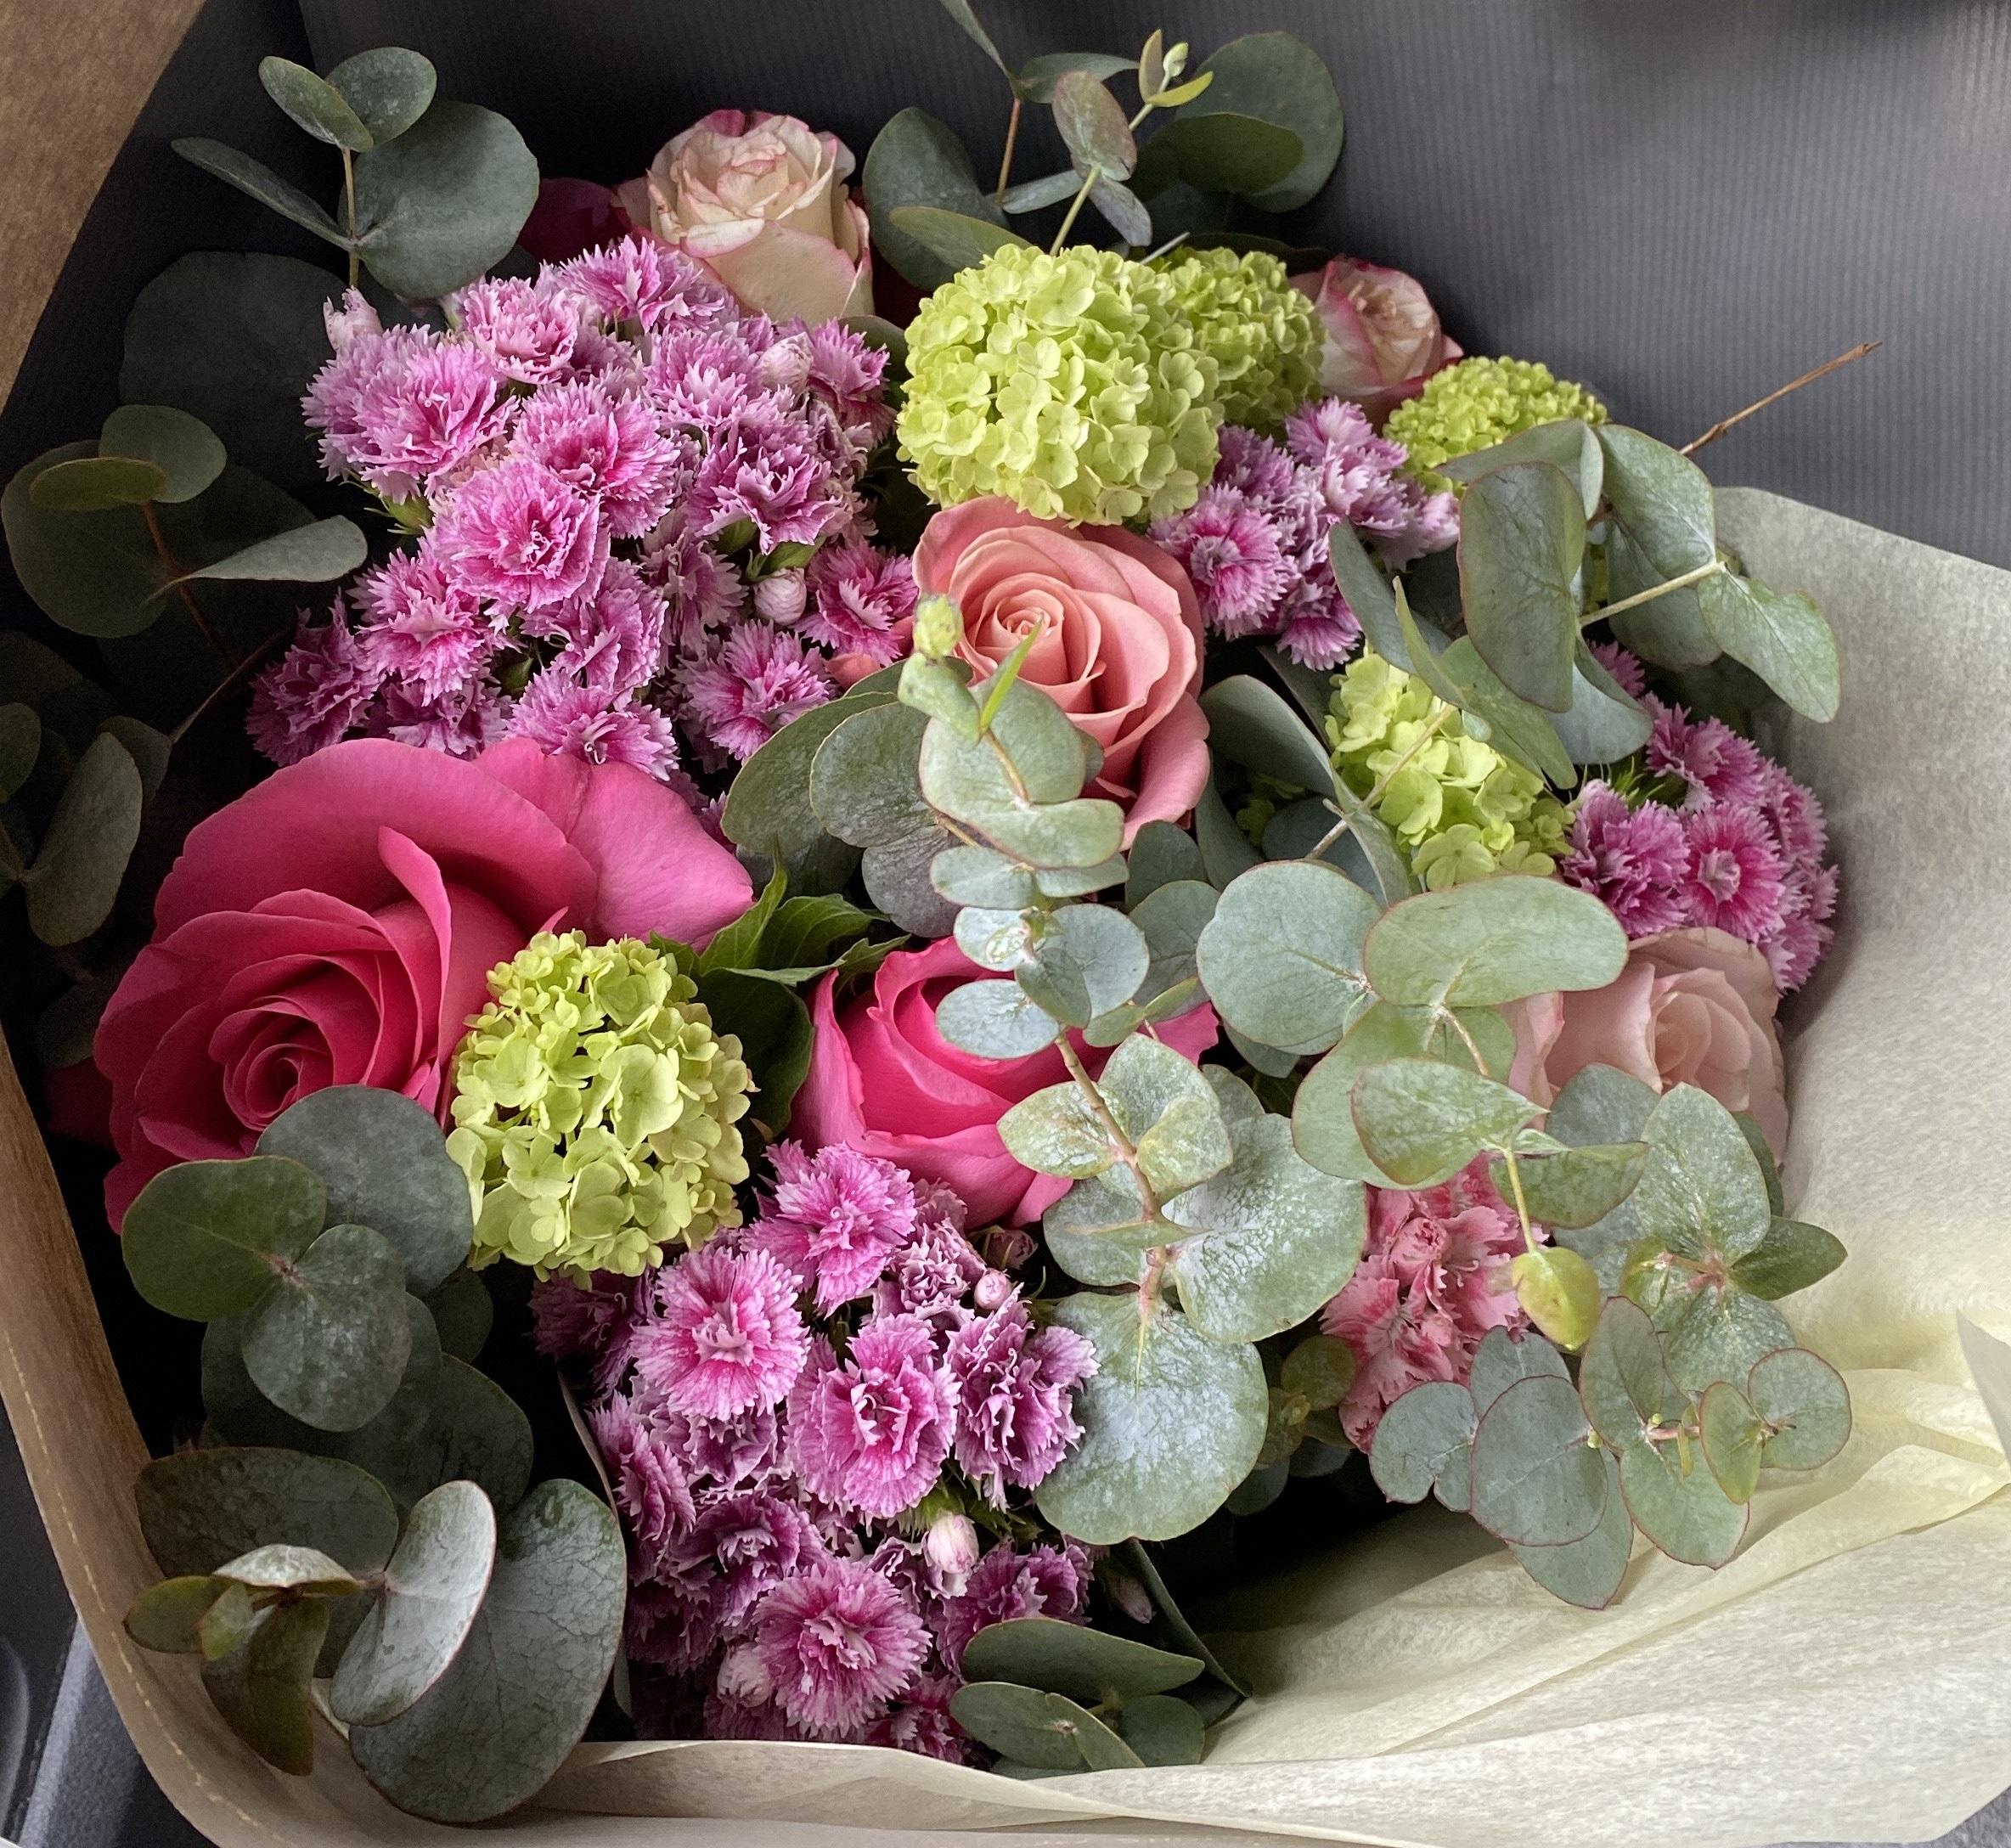 Livraison bouquet de fleurs le Perreux sur Marne